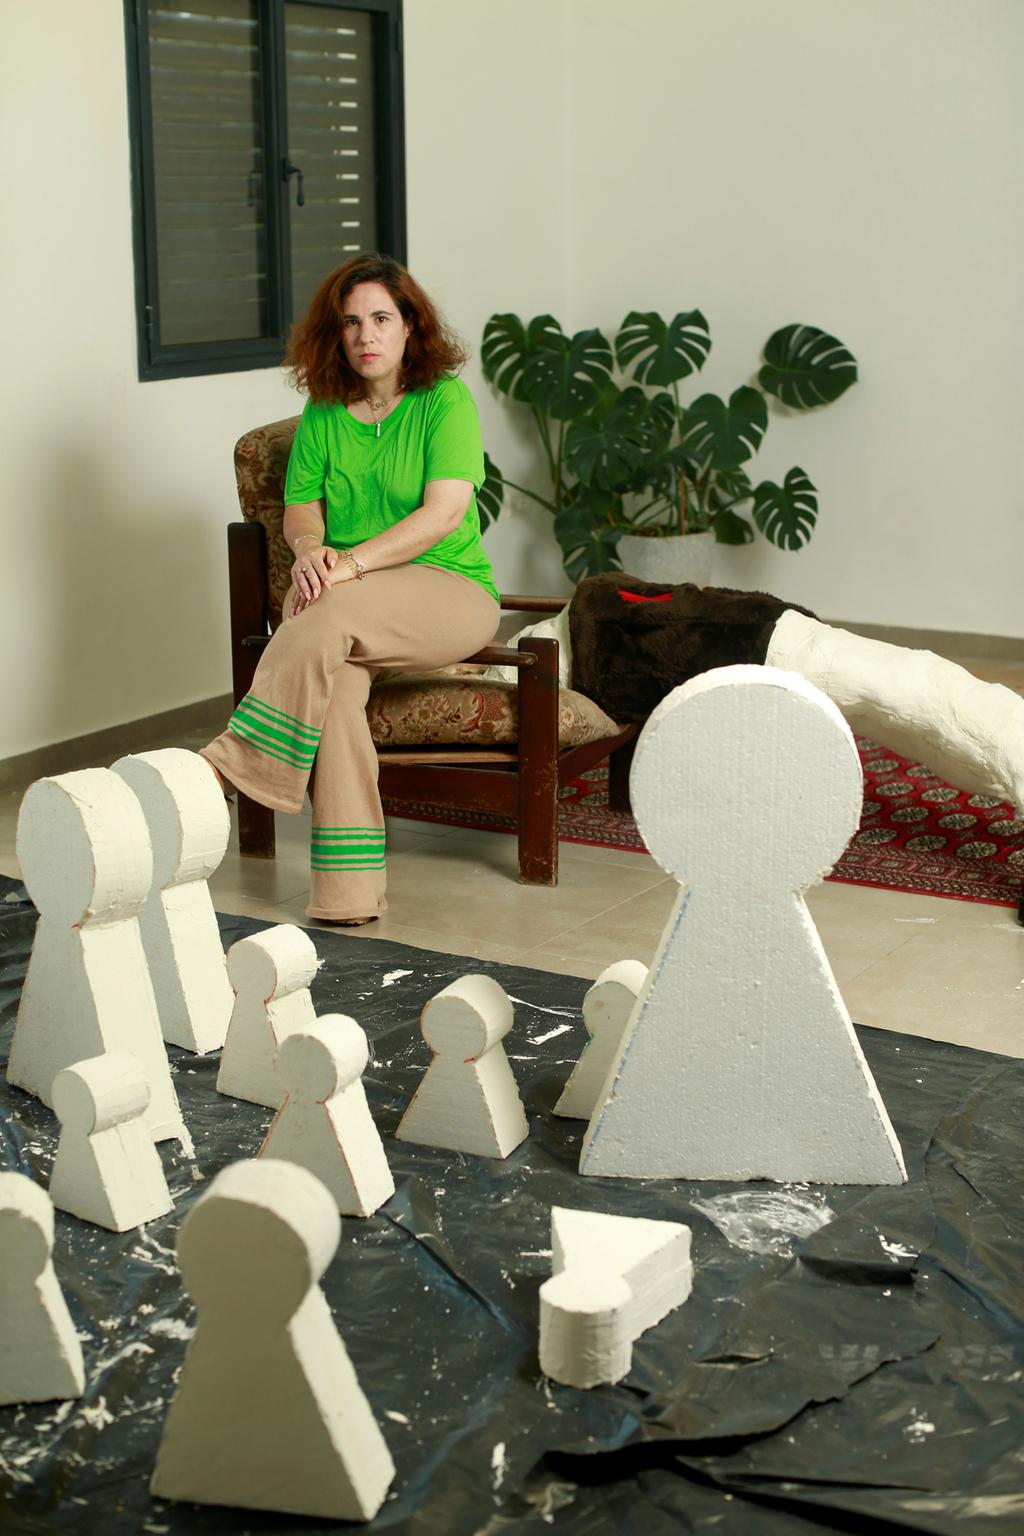 מיטל אבירם בביתה על רקע עבודות של עידית גלעד פנאי